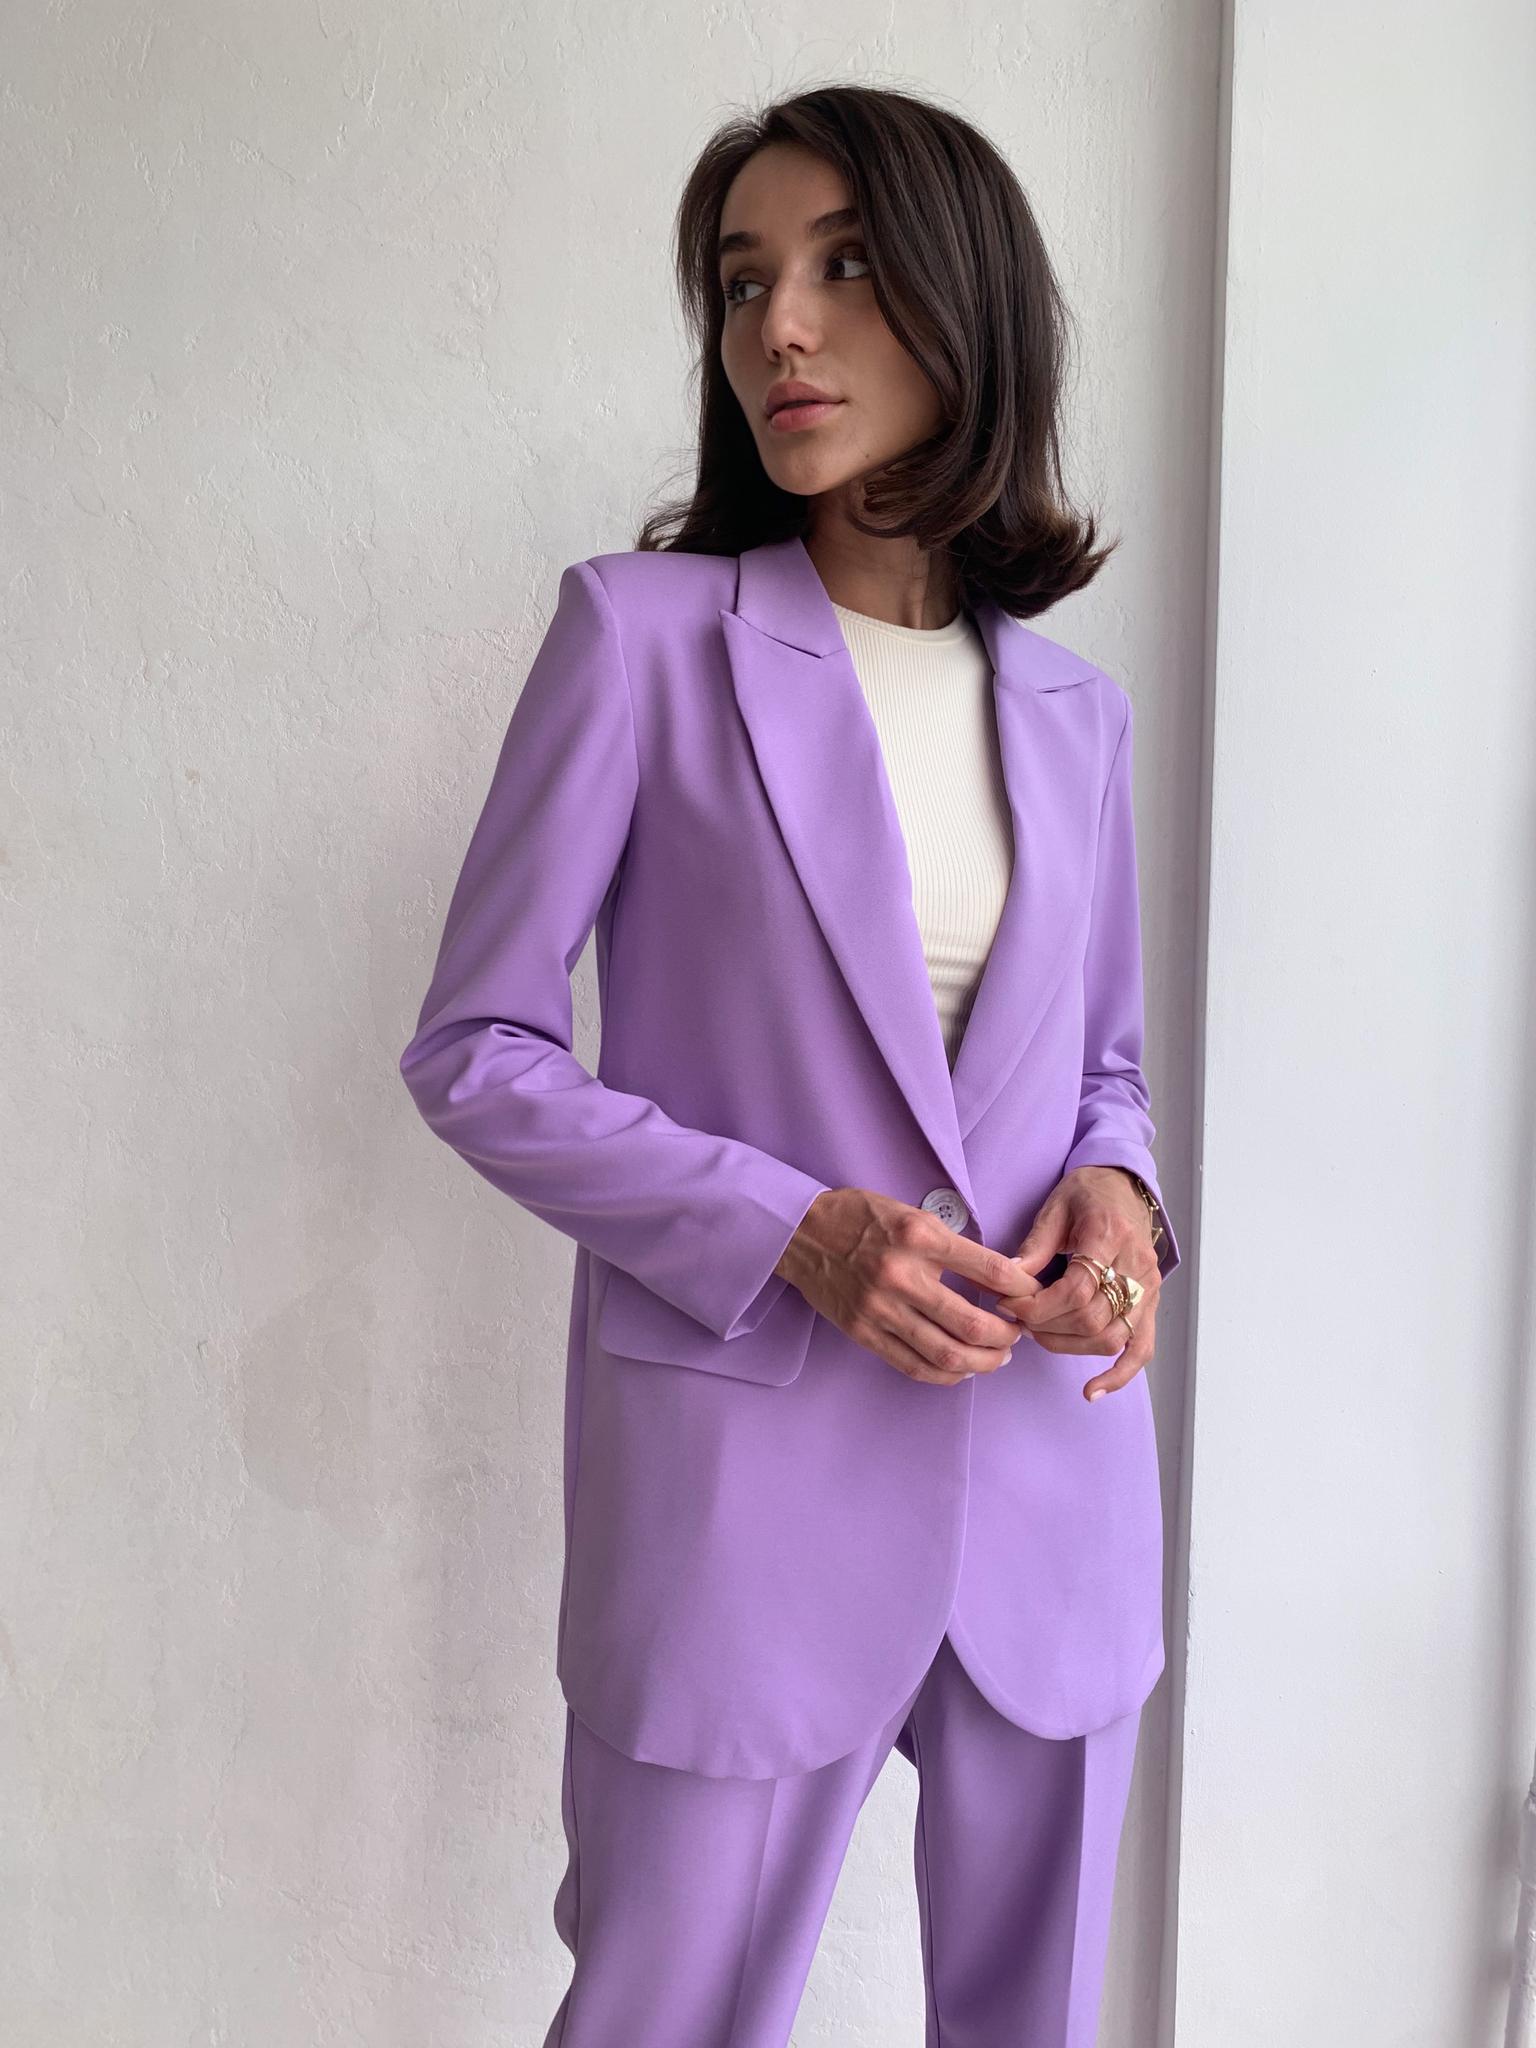 Пиджак со шлицей (острый лацкан) (фиолетовый)